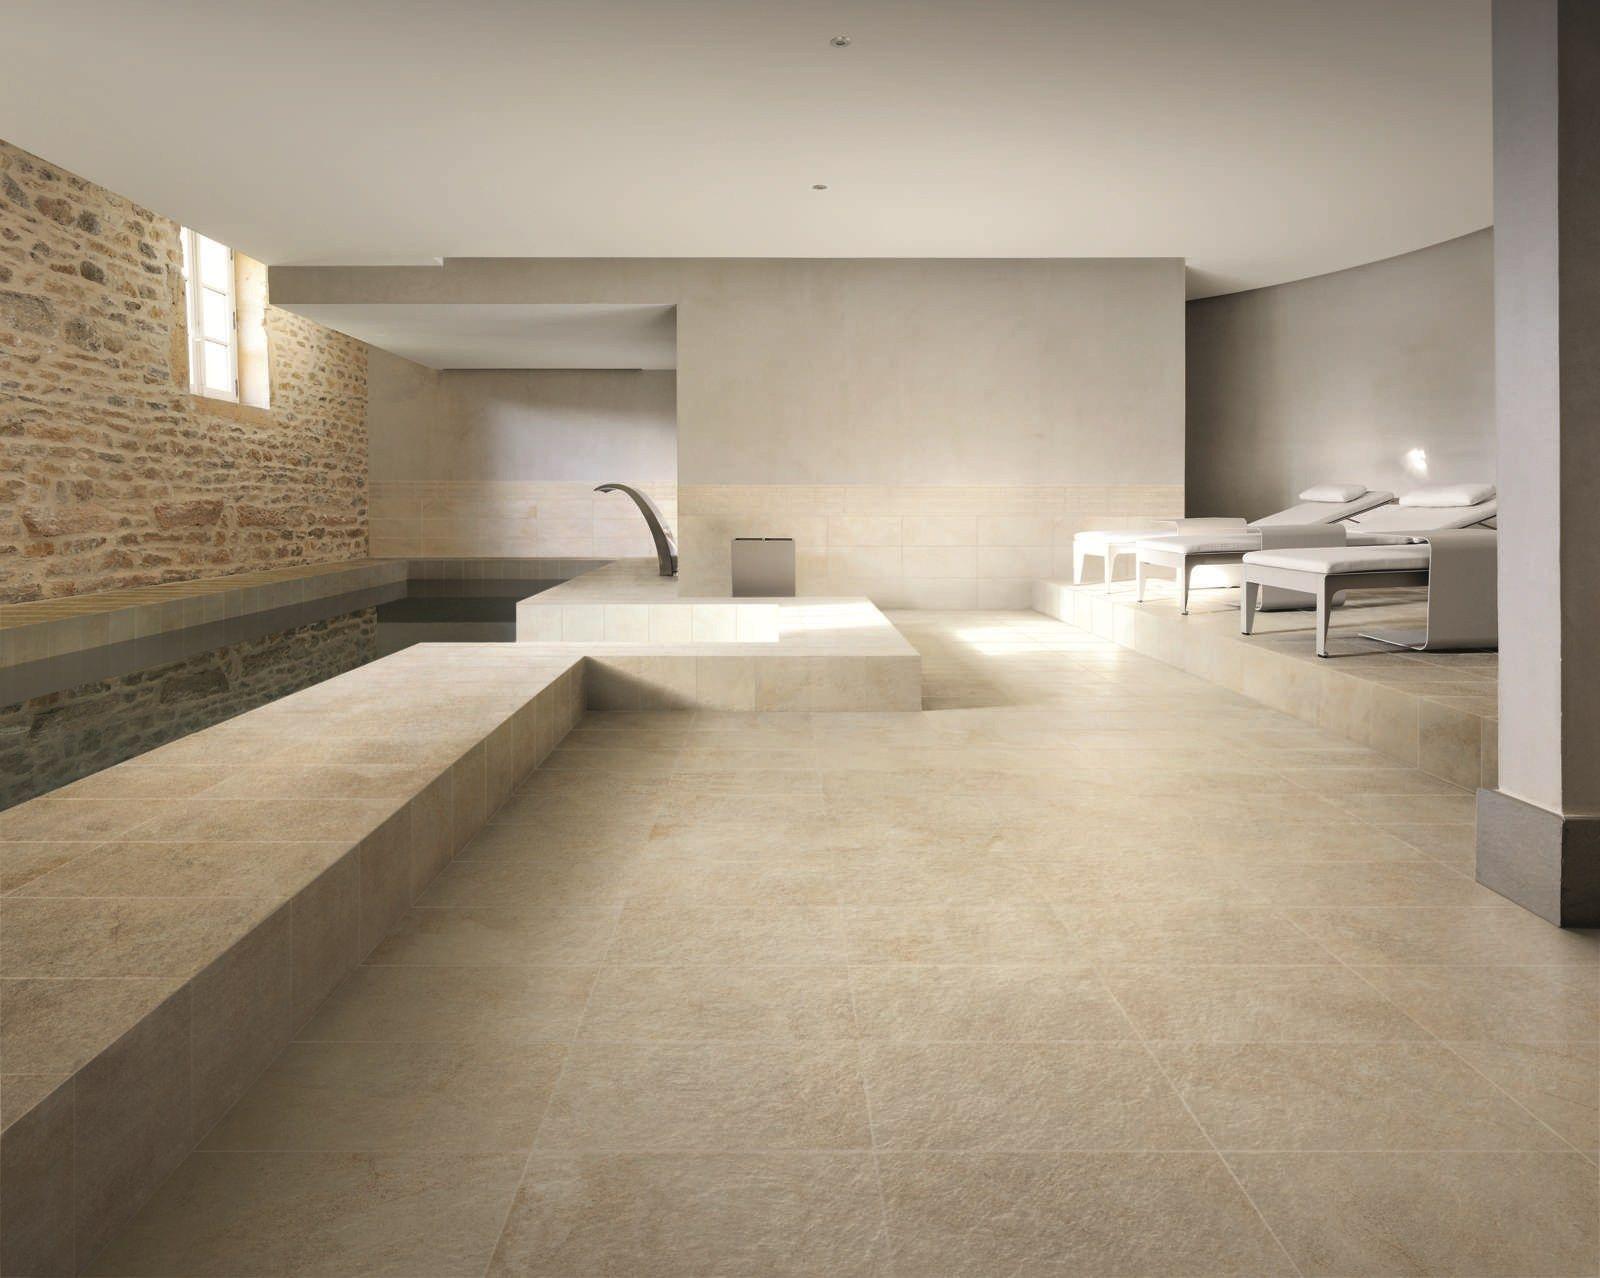 Pavimento rivestimento in gres porcellanato effetto pietra - Piastrelle gres effetto pietra ...